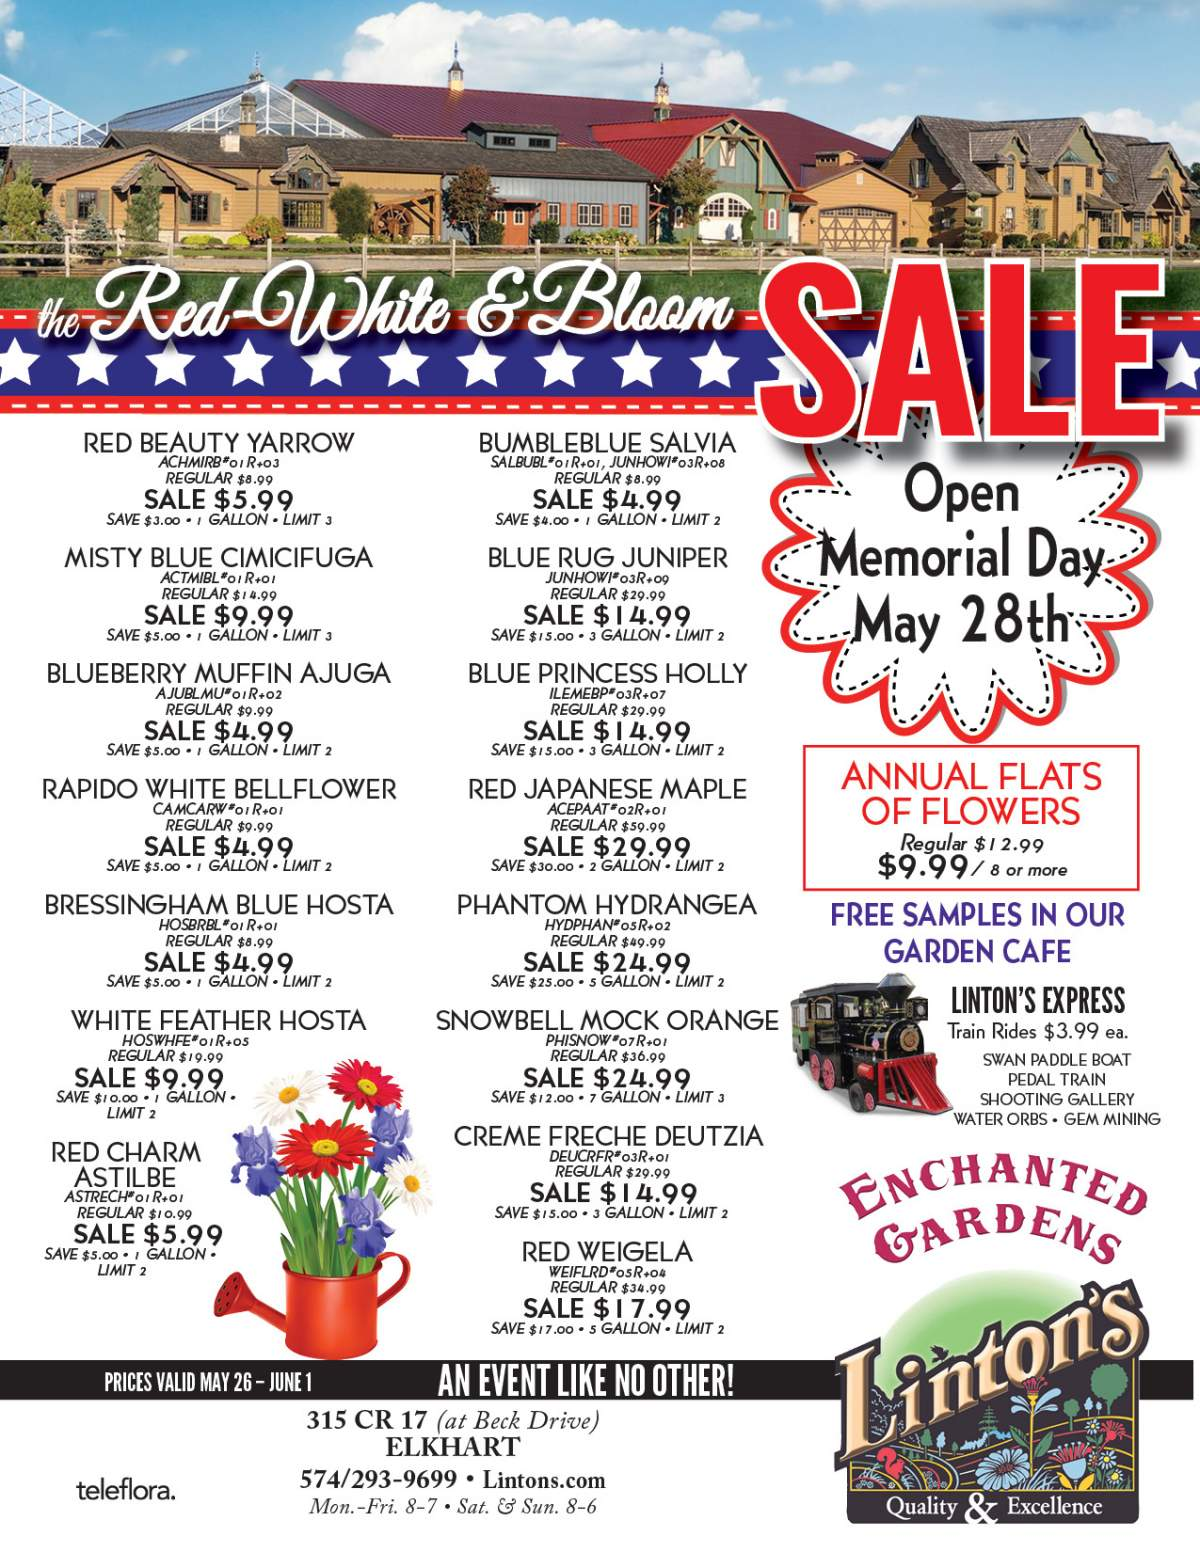 Linton's Enchanted Gardens : Memorial%20Day%20Flyer 1